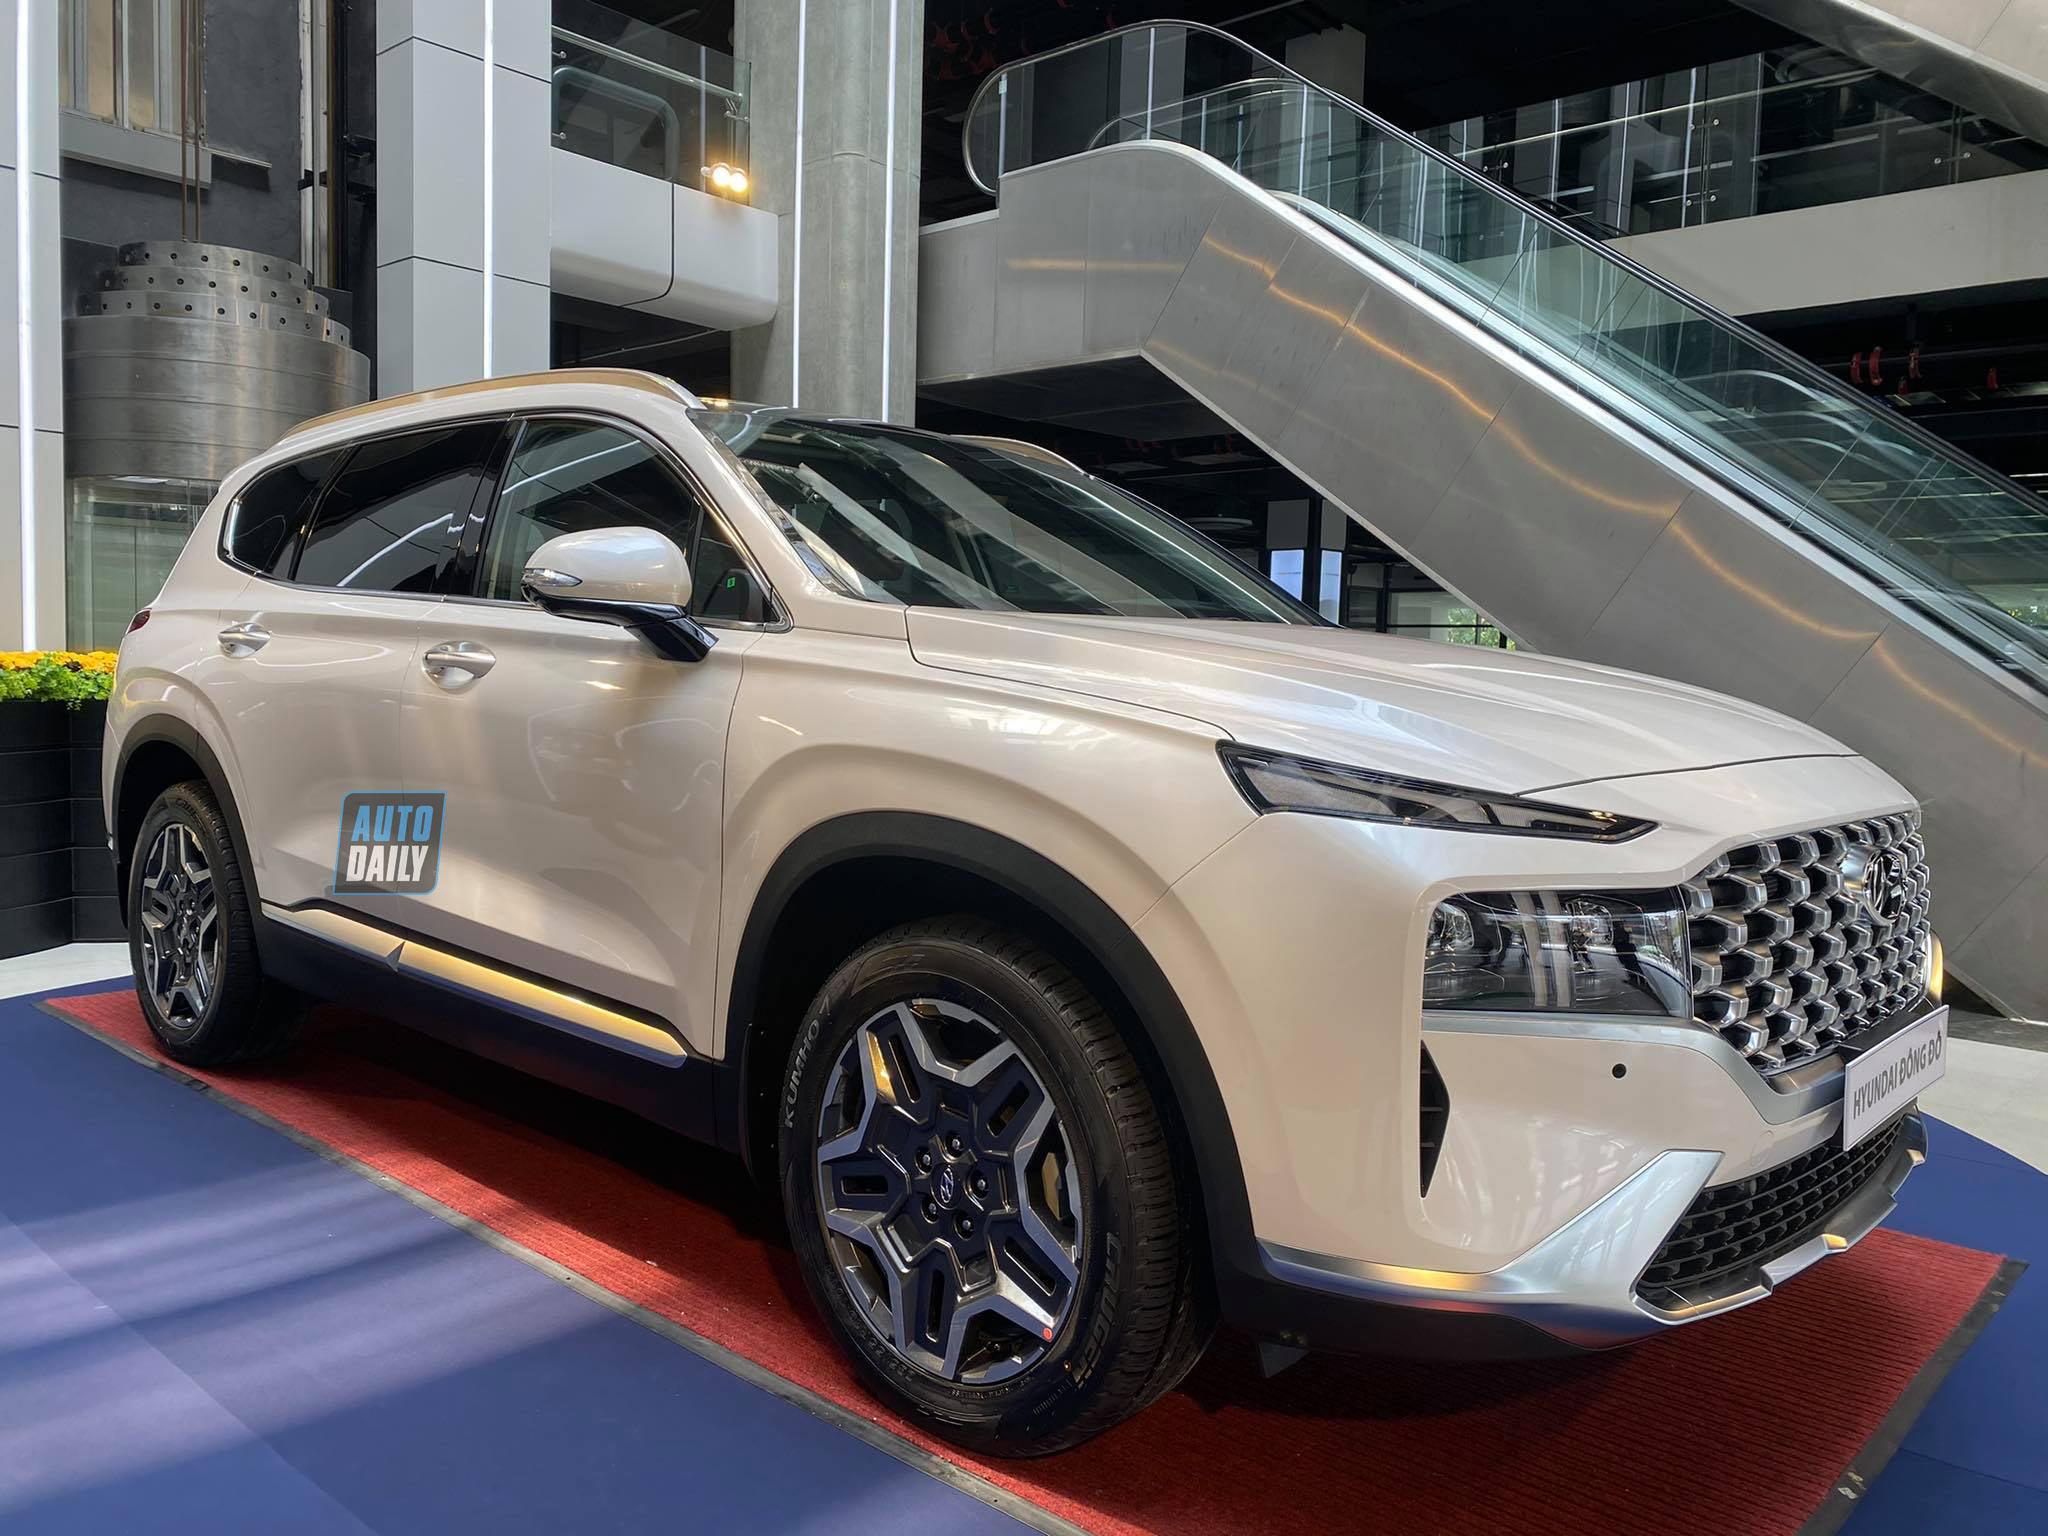 Hyundai SantaFe 2021 đã có mặt tại đại lý, sẵn sàng đến tay người dùng santafe-2021-01.jpg